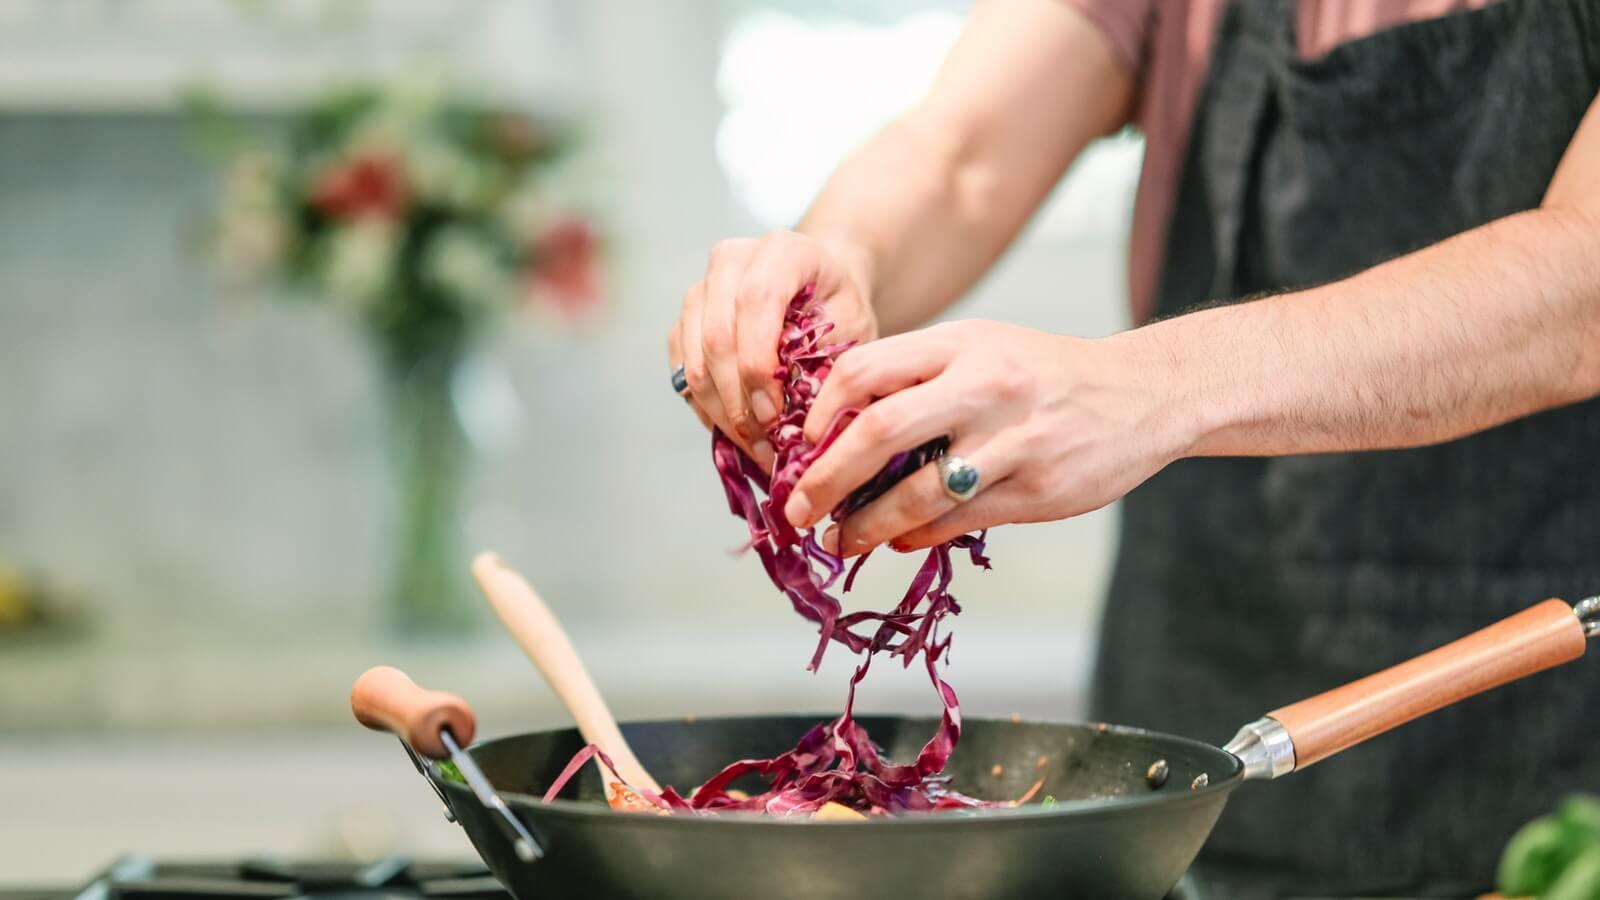 Gastronomi ve Mutfak Sanatları Lisans Programı 2019 Başarı Sıralamaları Burada!